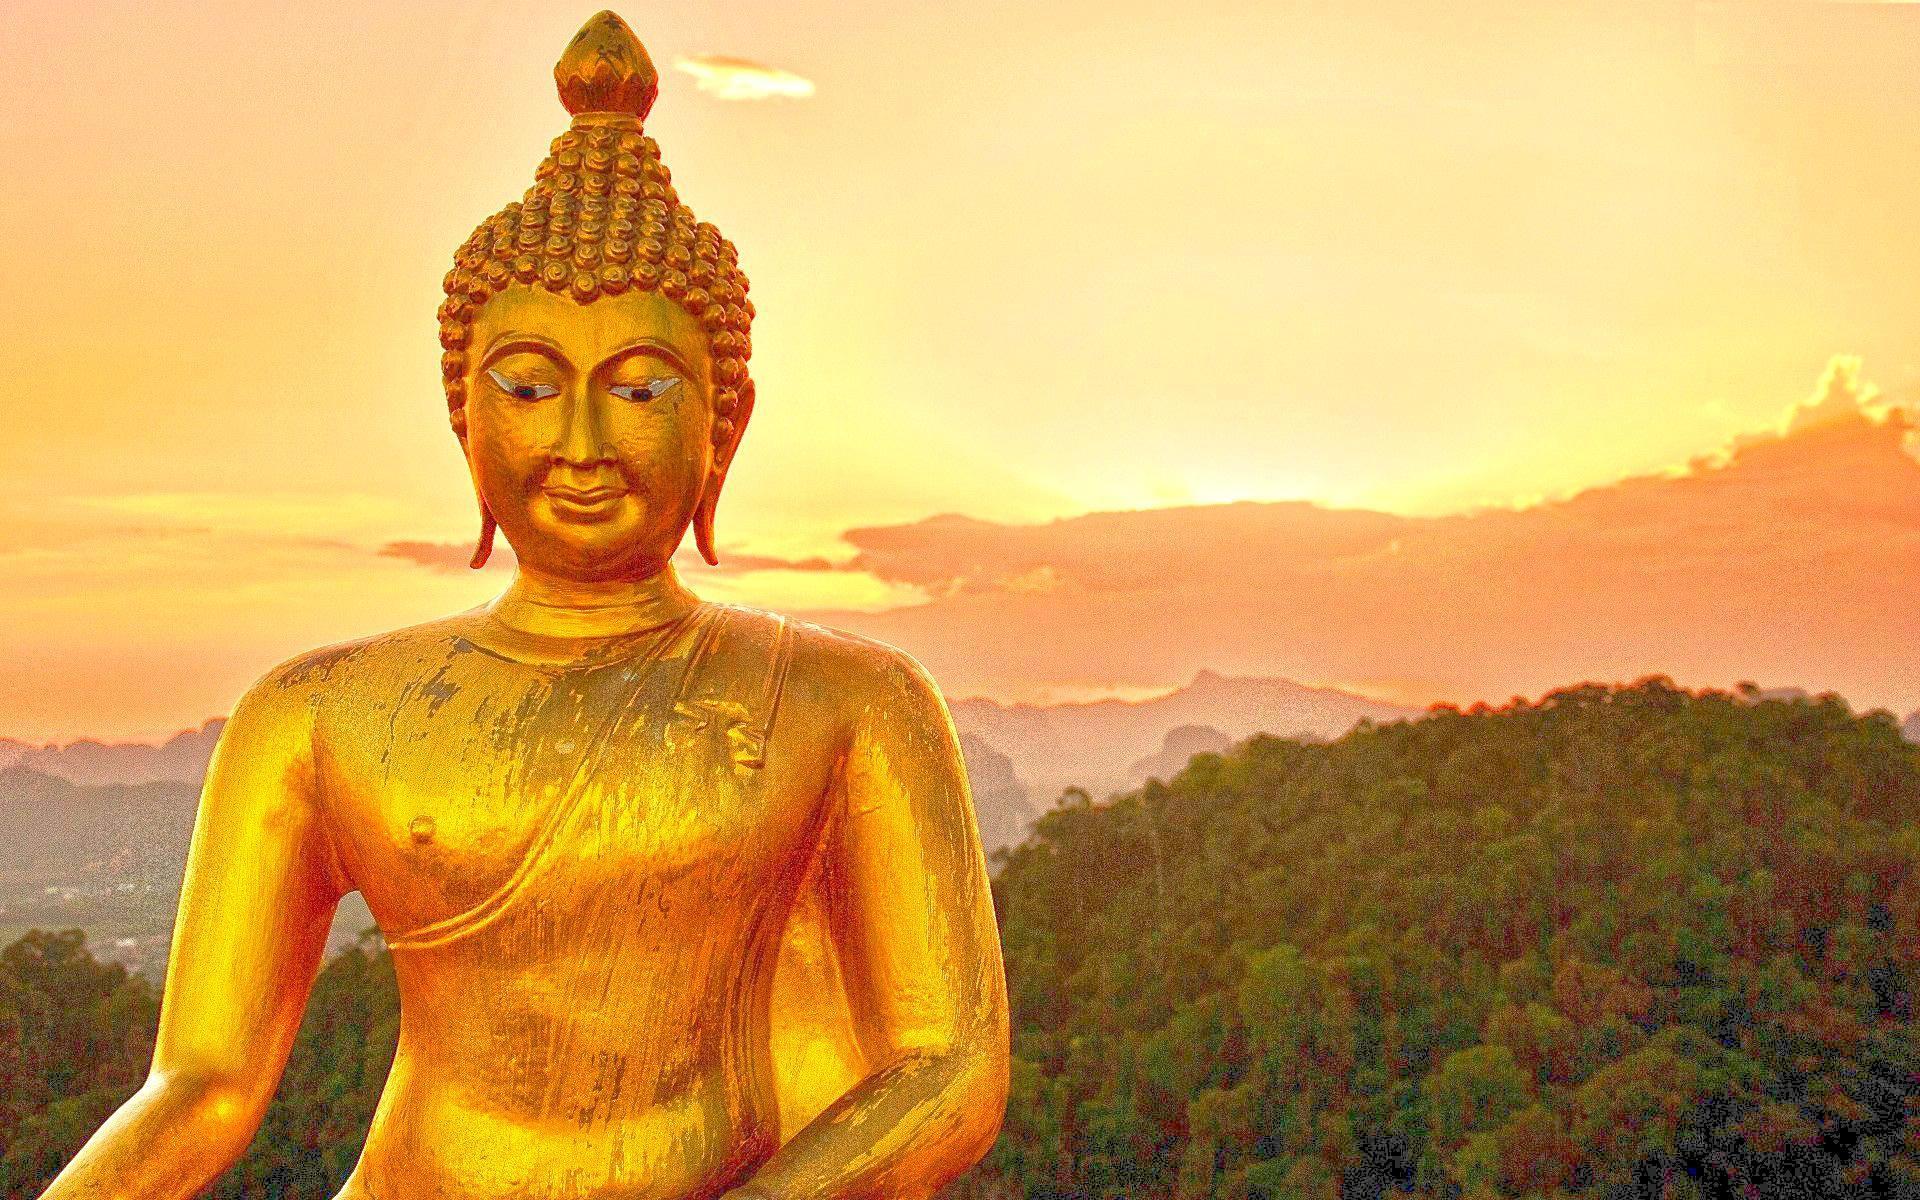 gautam buddha wallpapers hd wallpaper cave